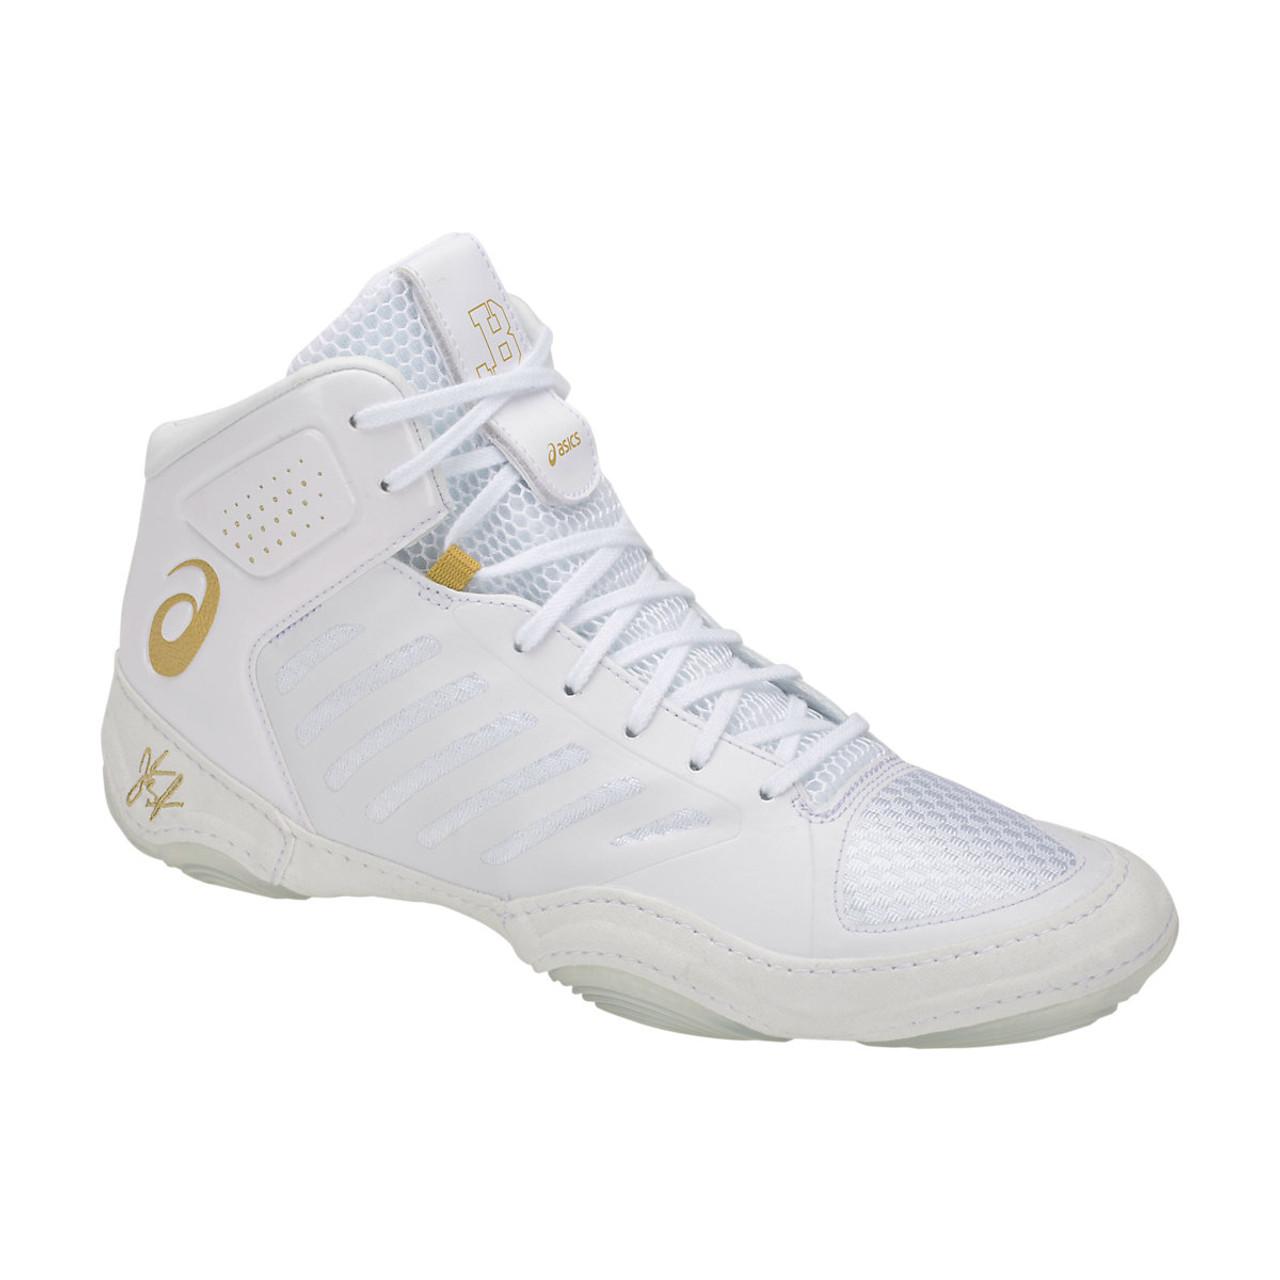 5185d049132c17 Asics JB Elite III Men s Wrestling Shoes · Asics JB Elite III Men s  Wrestling ...